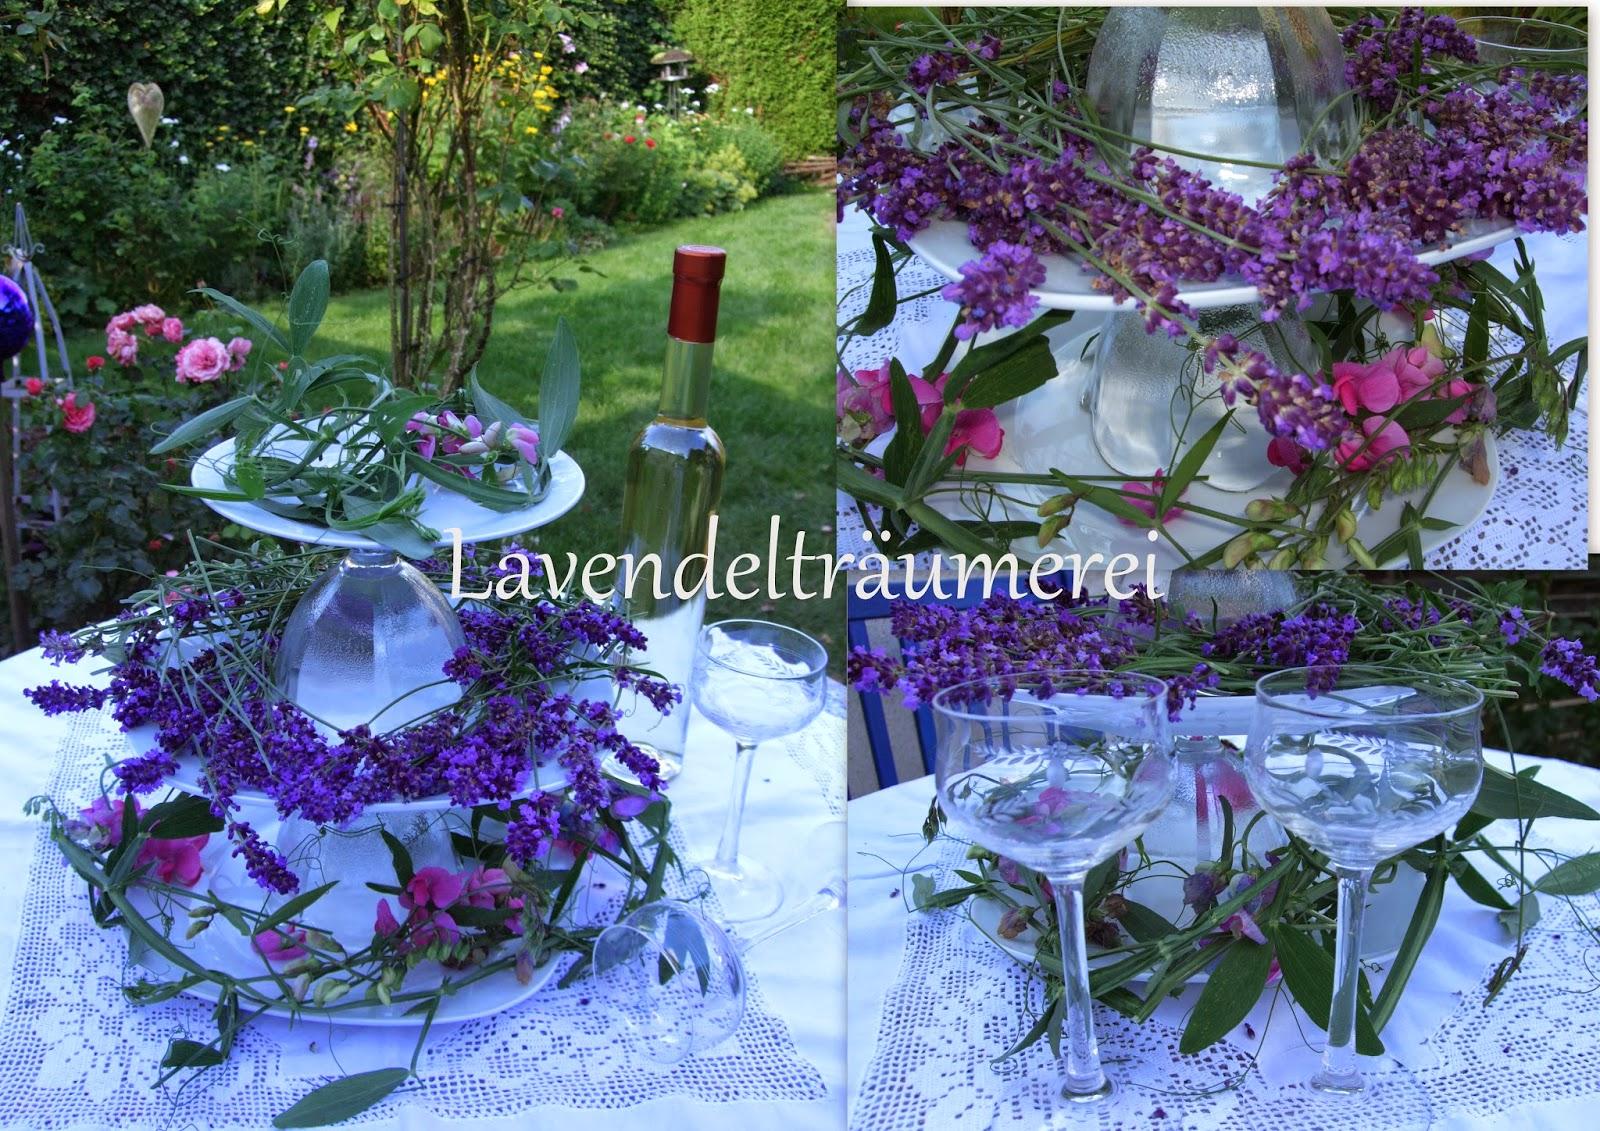 Lavendeltraumerei Sommertraume